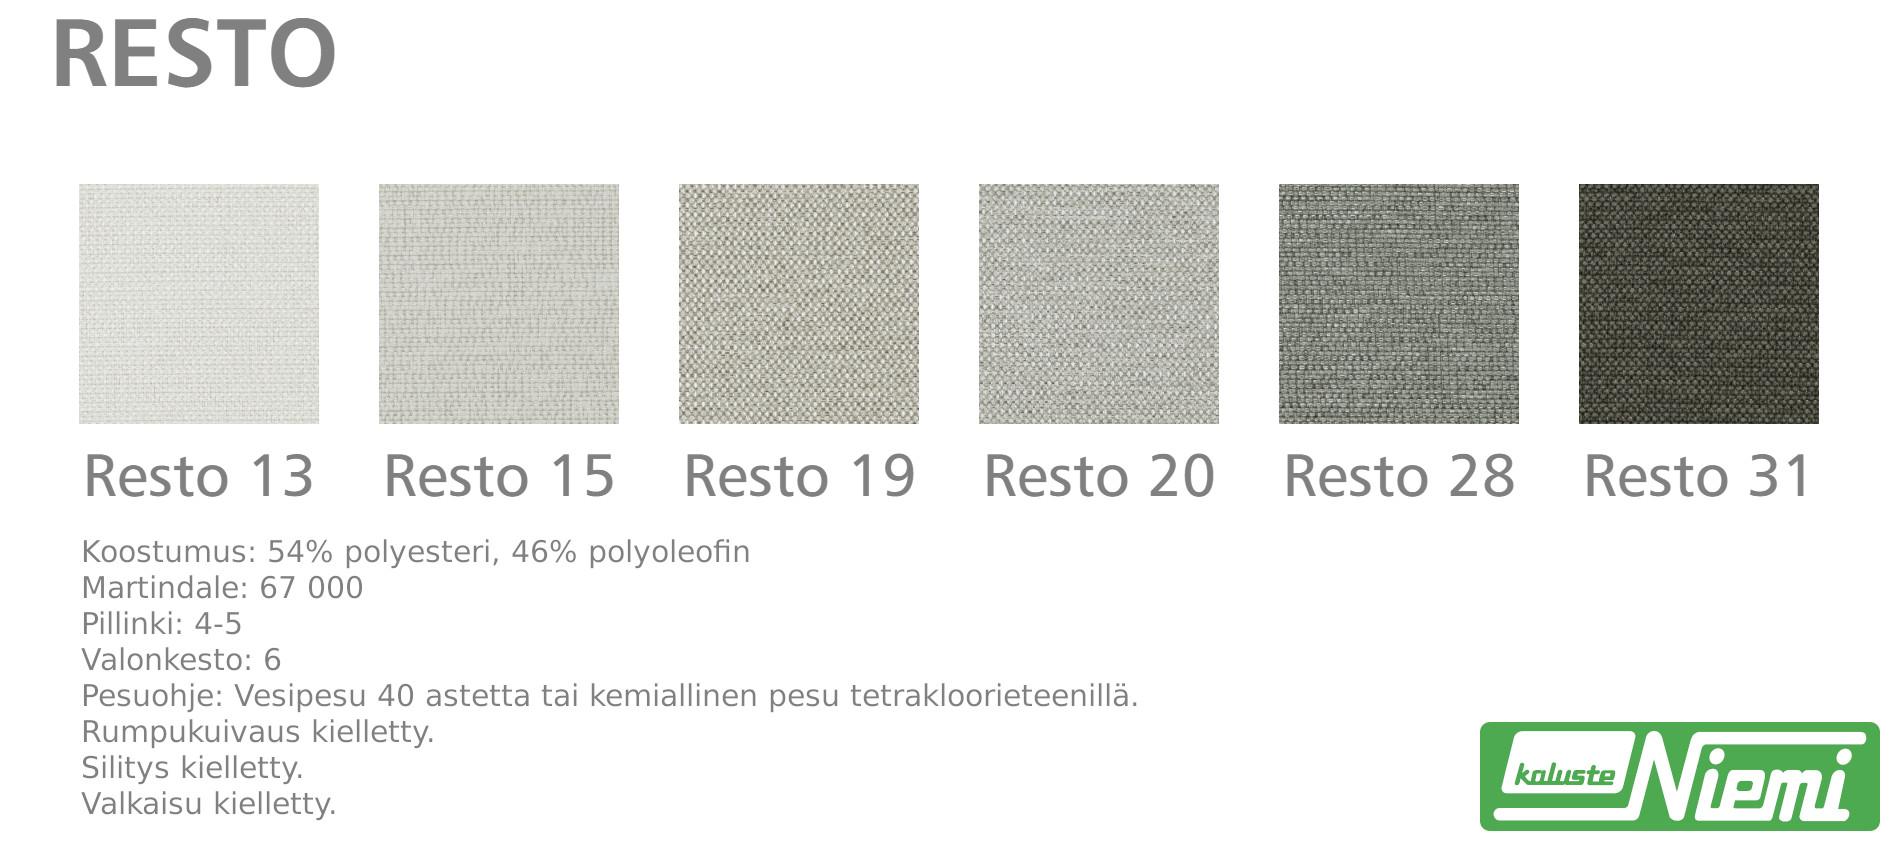 Sky sohva 207/2, kangas Nino tai Resto